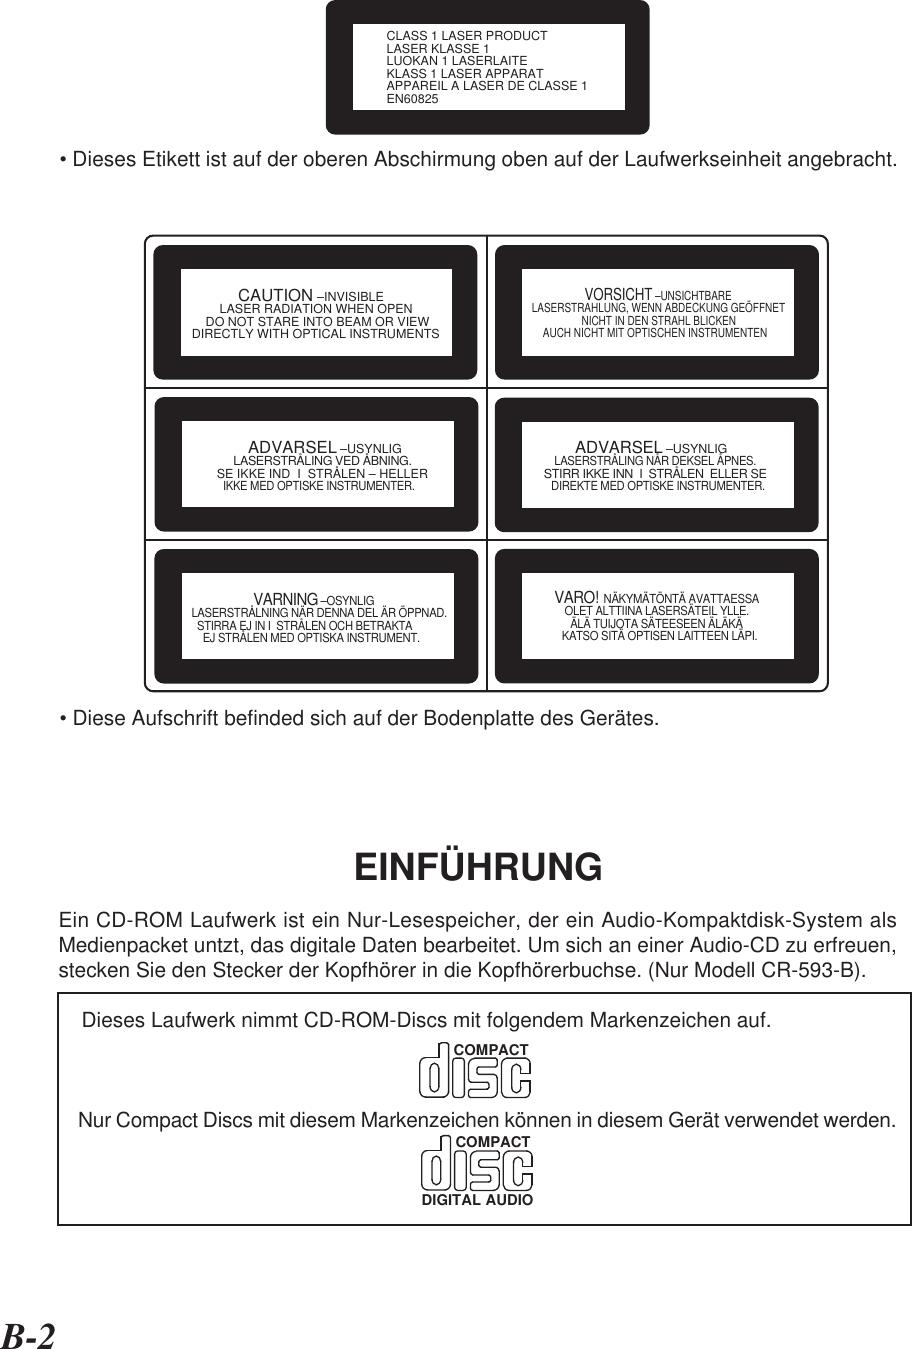 B-2EINFÜHRUNGEin CD-ROM Laufwerk ist ein Nur-Lesespeicher, der ein Audio-Kompaktdisk-System alsMedienpacket untzt, das digitale Daten bearbeitet. Um sich an einer Audio-CD zu erfreuen,stecken Sie den Stecker der Kopfhörer in die Kopfhörerbuchse. (Nur Modell CR-593-B).    Dieses Laufwerk nimmt CD-ROM-Discs mit folgendem Markenzeichen auf.    Nur Compact Discs mit diesem Markenzeichen können in diesem Gerät verwendet werden.CLASS 1 LASER PRODUCTLASER KLASSE 1LUOKAN 1 LASERLAITEKLASS 1 LASER APPARATAPPAREIL A LASER DE CLASSE 1EN60825• Dieses Etikett ist auf der oberen Abschirmung oben auf der Laufwerkseinheit angebracht.• Diese Aufschrift befinded sich auf der Bodenplatte des Gerätes.COMPACTCOMPACTDIGITAL AUDIO          CAUTION –INVISIBLE        LASER RADIATION WHEN OPEN    DO NOT STARE INTO BEAM OR VIEWDIRECTLY WITH OPTICAL INSTRUMENTS                VORSICHT –UNSICHTBARE        LASERSTRAHLUNG, WENN ABDECKUNG GEÖFFNET                          NICHT IN DEN STRAHL BLICKEN            AUCH NICHT MIT OPTISCHEN INSTRUMENTEN         ADVARSEL –USYNLIG        LASERSTRÅLING VED ÅBNING.   SE IKKE IND  I  STRÅLEN – HELLER     IKKE MED OPTISKE INSTRUMENTER.         ADVARSEL –USYNLIG      LASERSTRÅLING NÅR DEKSEL ÅPNES.   STIRR IKKE INN  I  STRÅLEN  ELLER SE     DIREKTE MED OPTISKE INSTRUMENTER.              VARNING –OSYNLIG LASERSTRÅLNING NÄR DENNA DEL ÄR ÖPPNAD.   STIRRA EJ IN I  STRÅLEN OCH BETRAKTA     EJ STRÅLEN MED OPTISKA INSTRUMENT.  VARO!  NÄKYMÄTÖNTÄ AVATTAESSA       OLET ALTTIINA LASERSÄTEIL YLLE.         ÄLÄ TUIJOTA SÄTEESEEN ÄLÄKÄ      KATSO SITÄ OPTISEN LAITTEEN LÄPI.